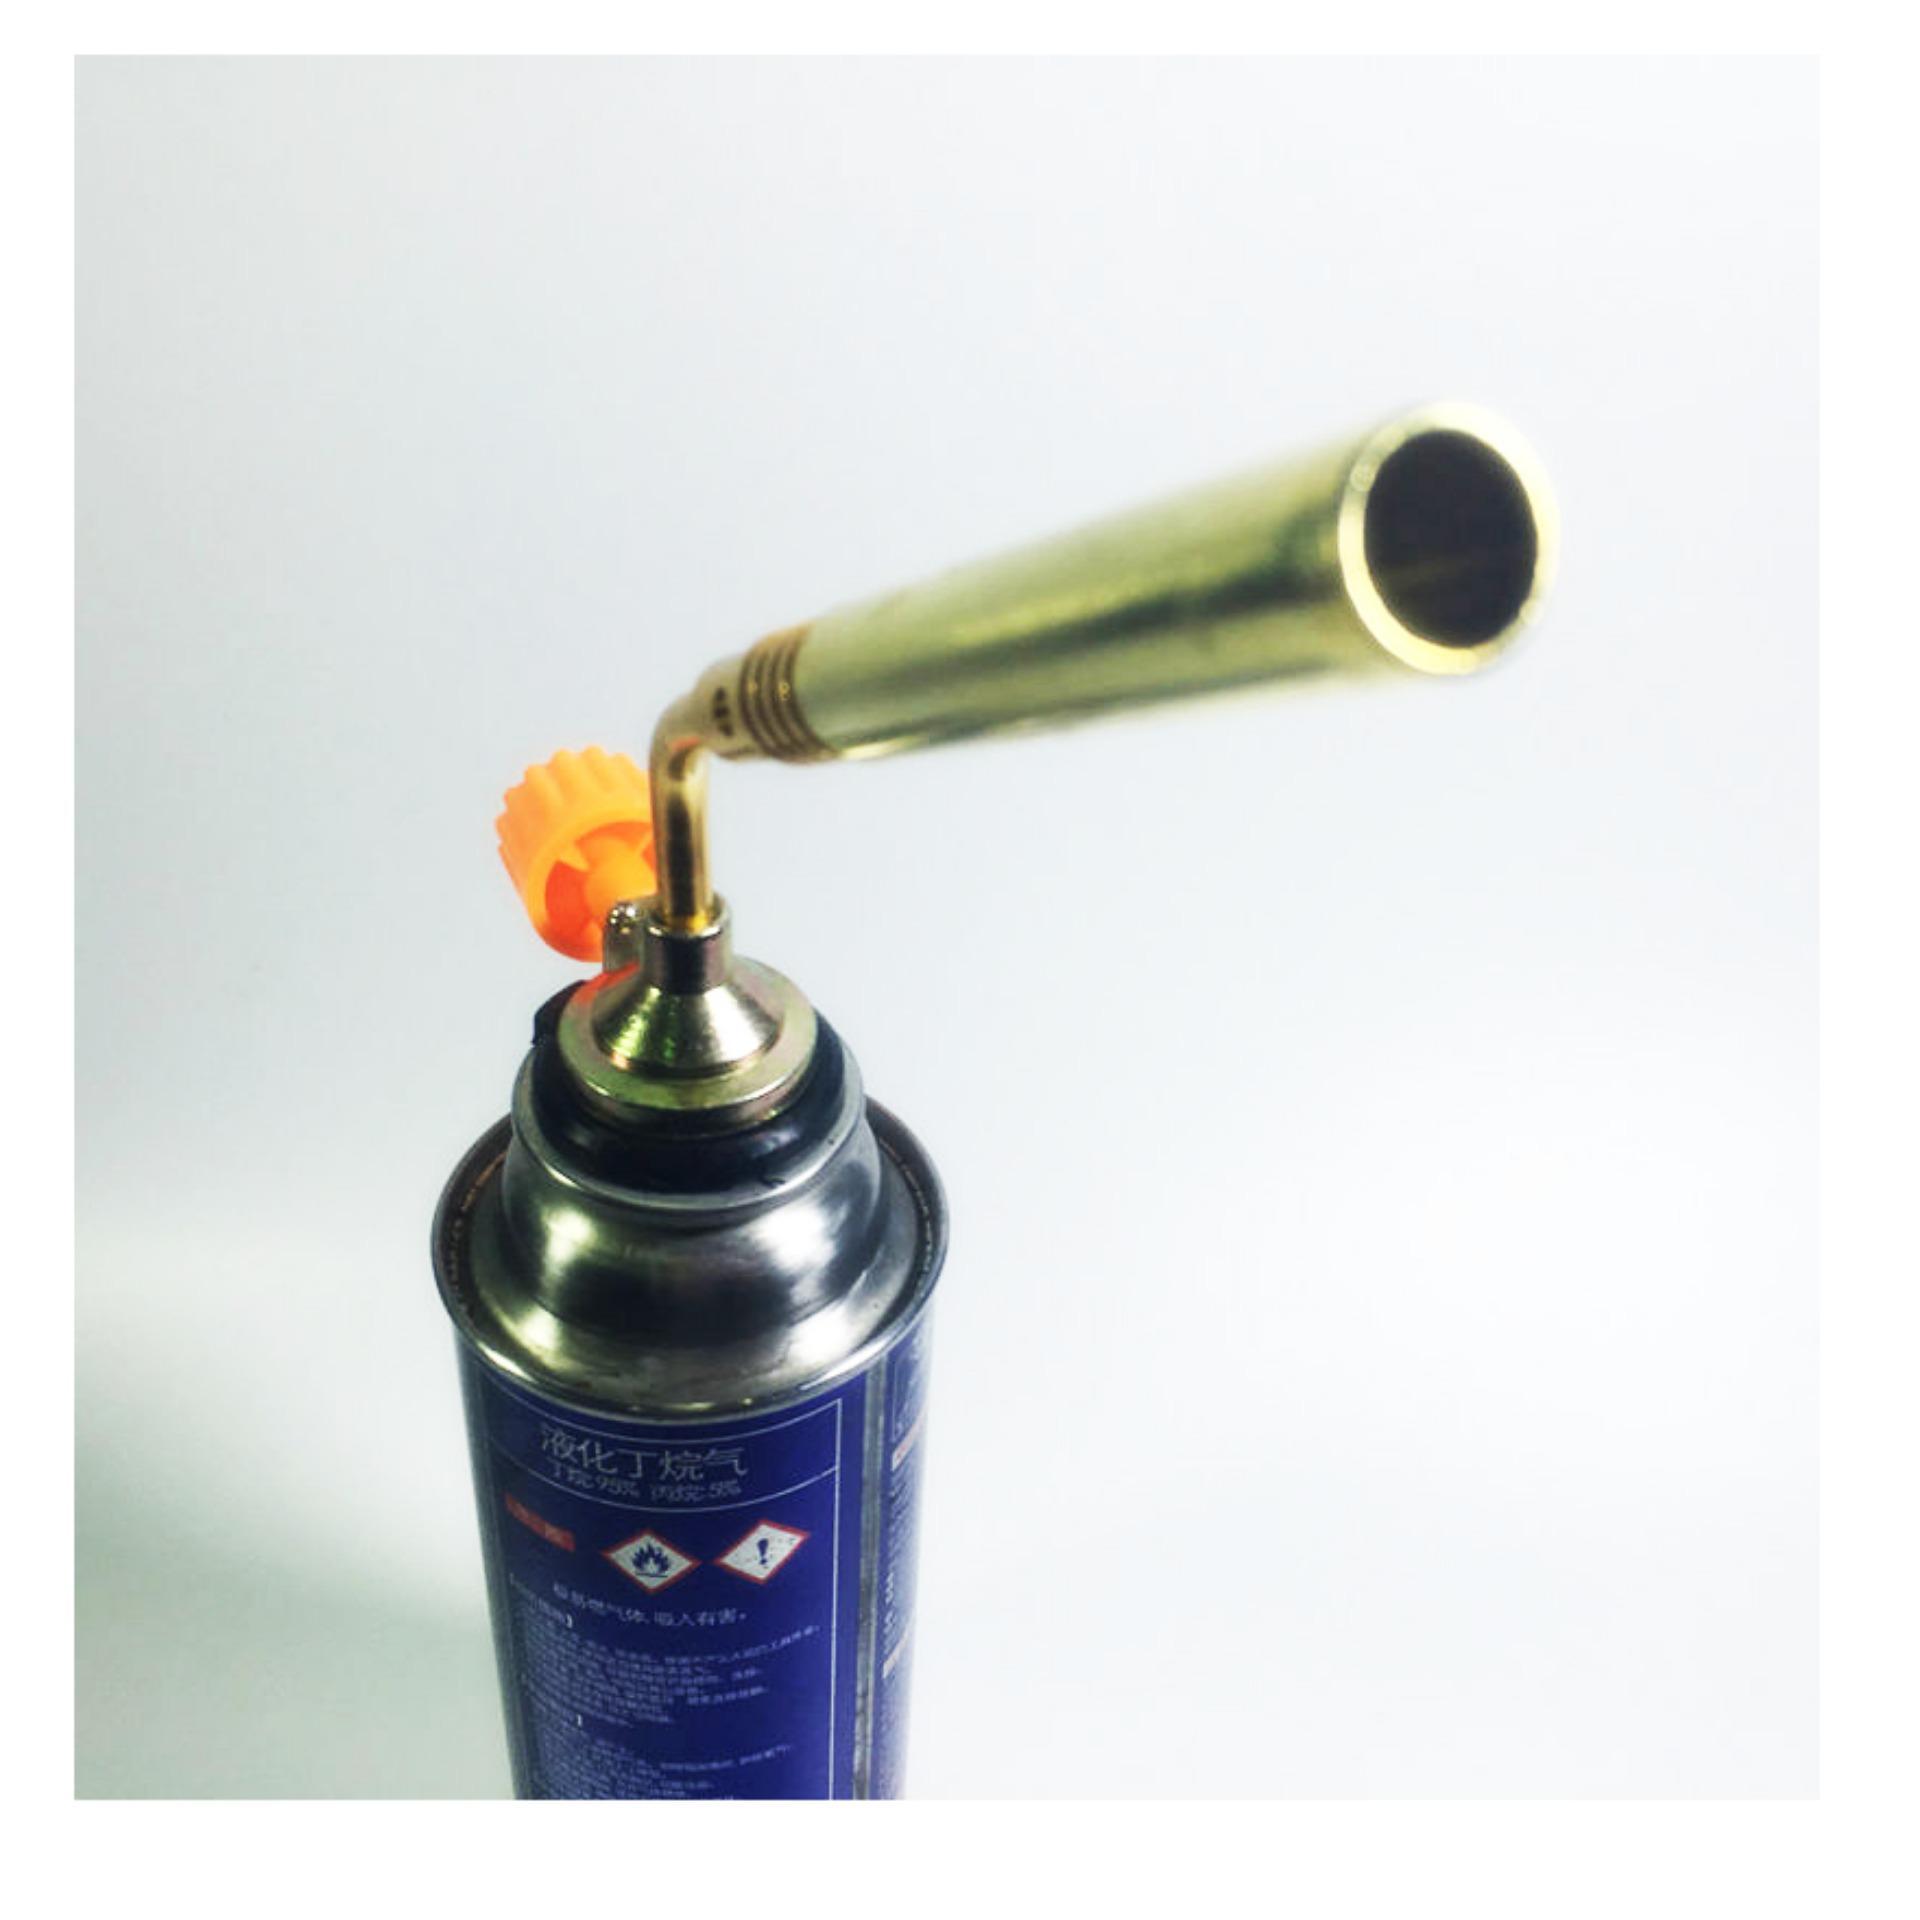 Hàn bằng đèn khò - Dđèn khò gas - Sử dụng bình gas mini